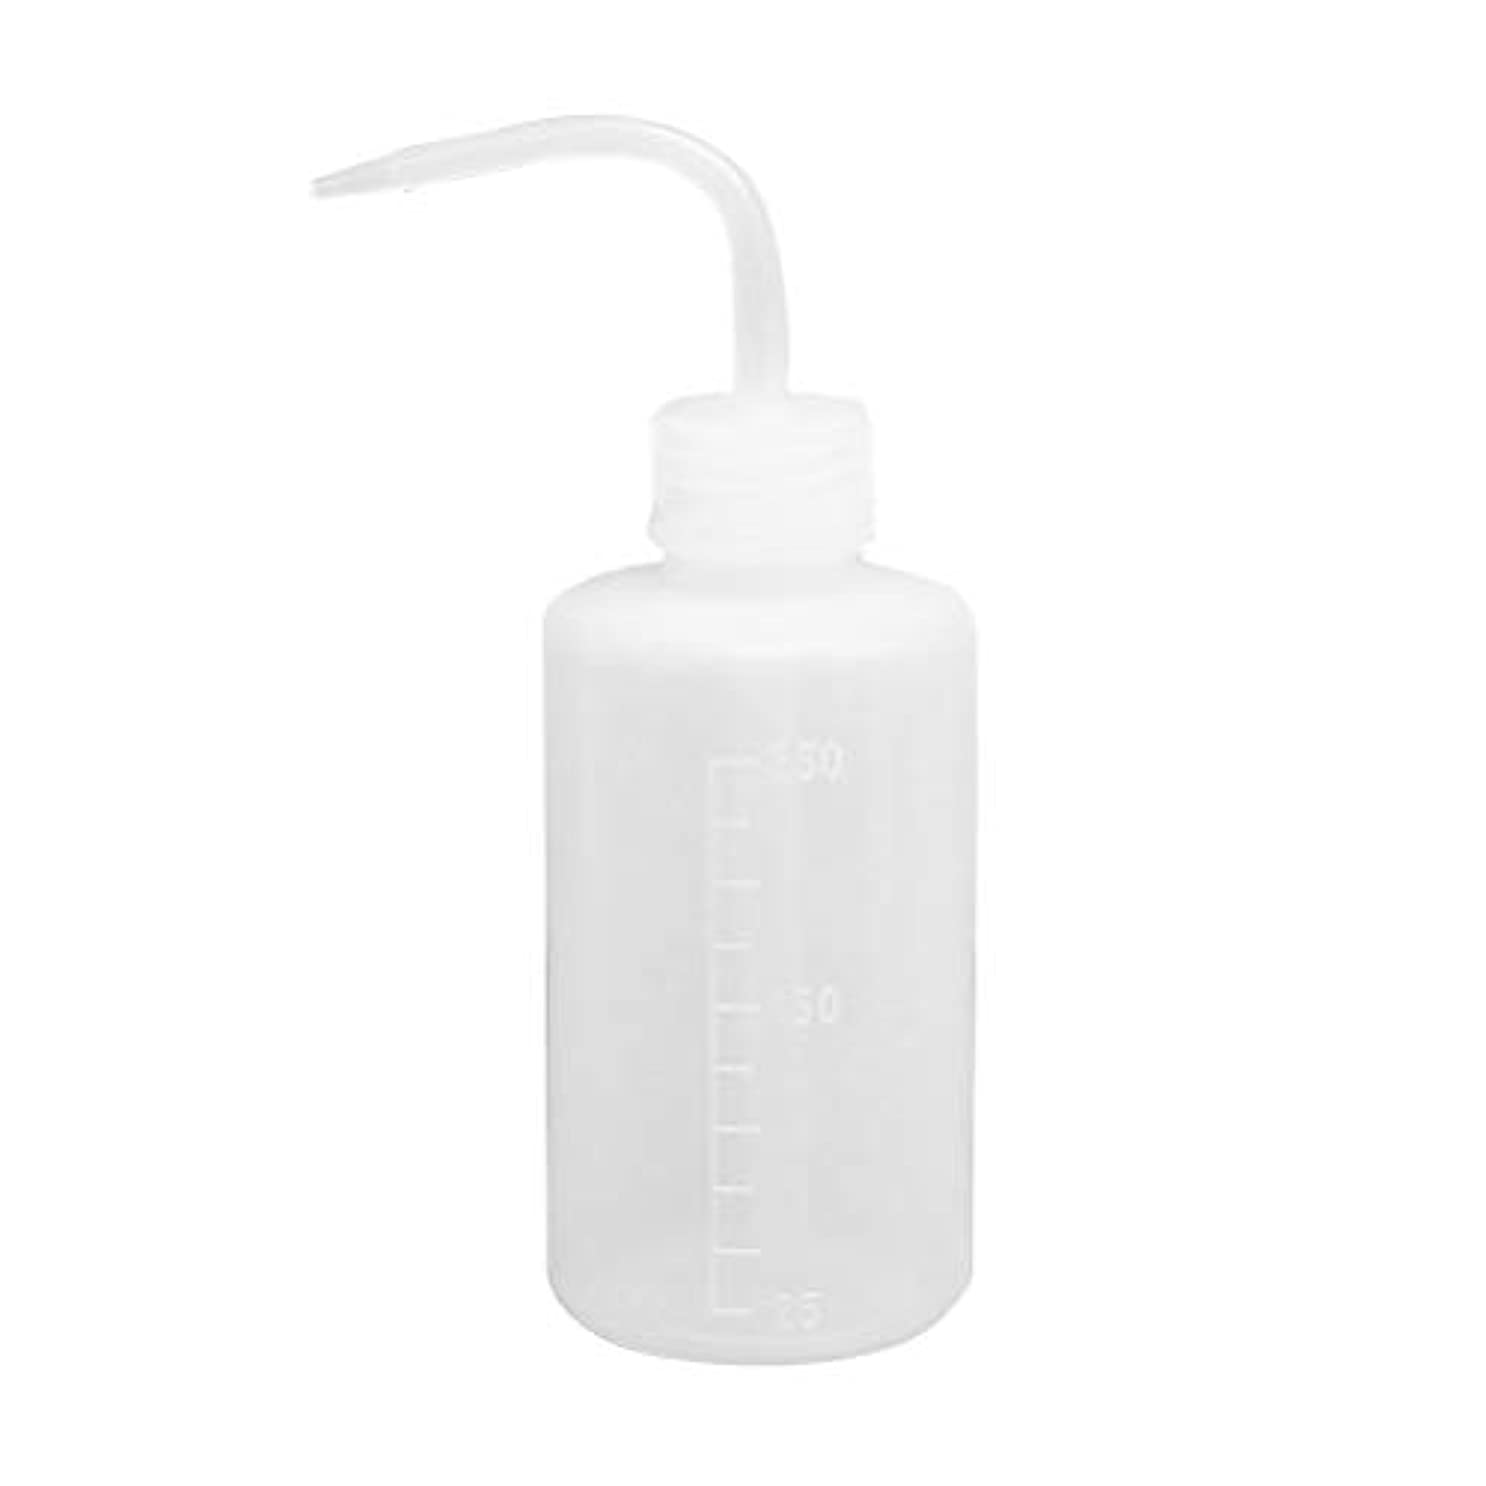 蒸予知虫を数えるHealifty ベント口付き洗浄瓶絞り瓶250ml